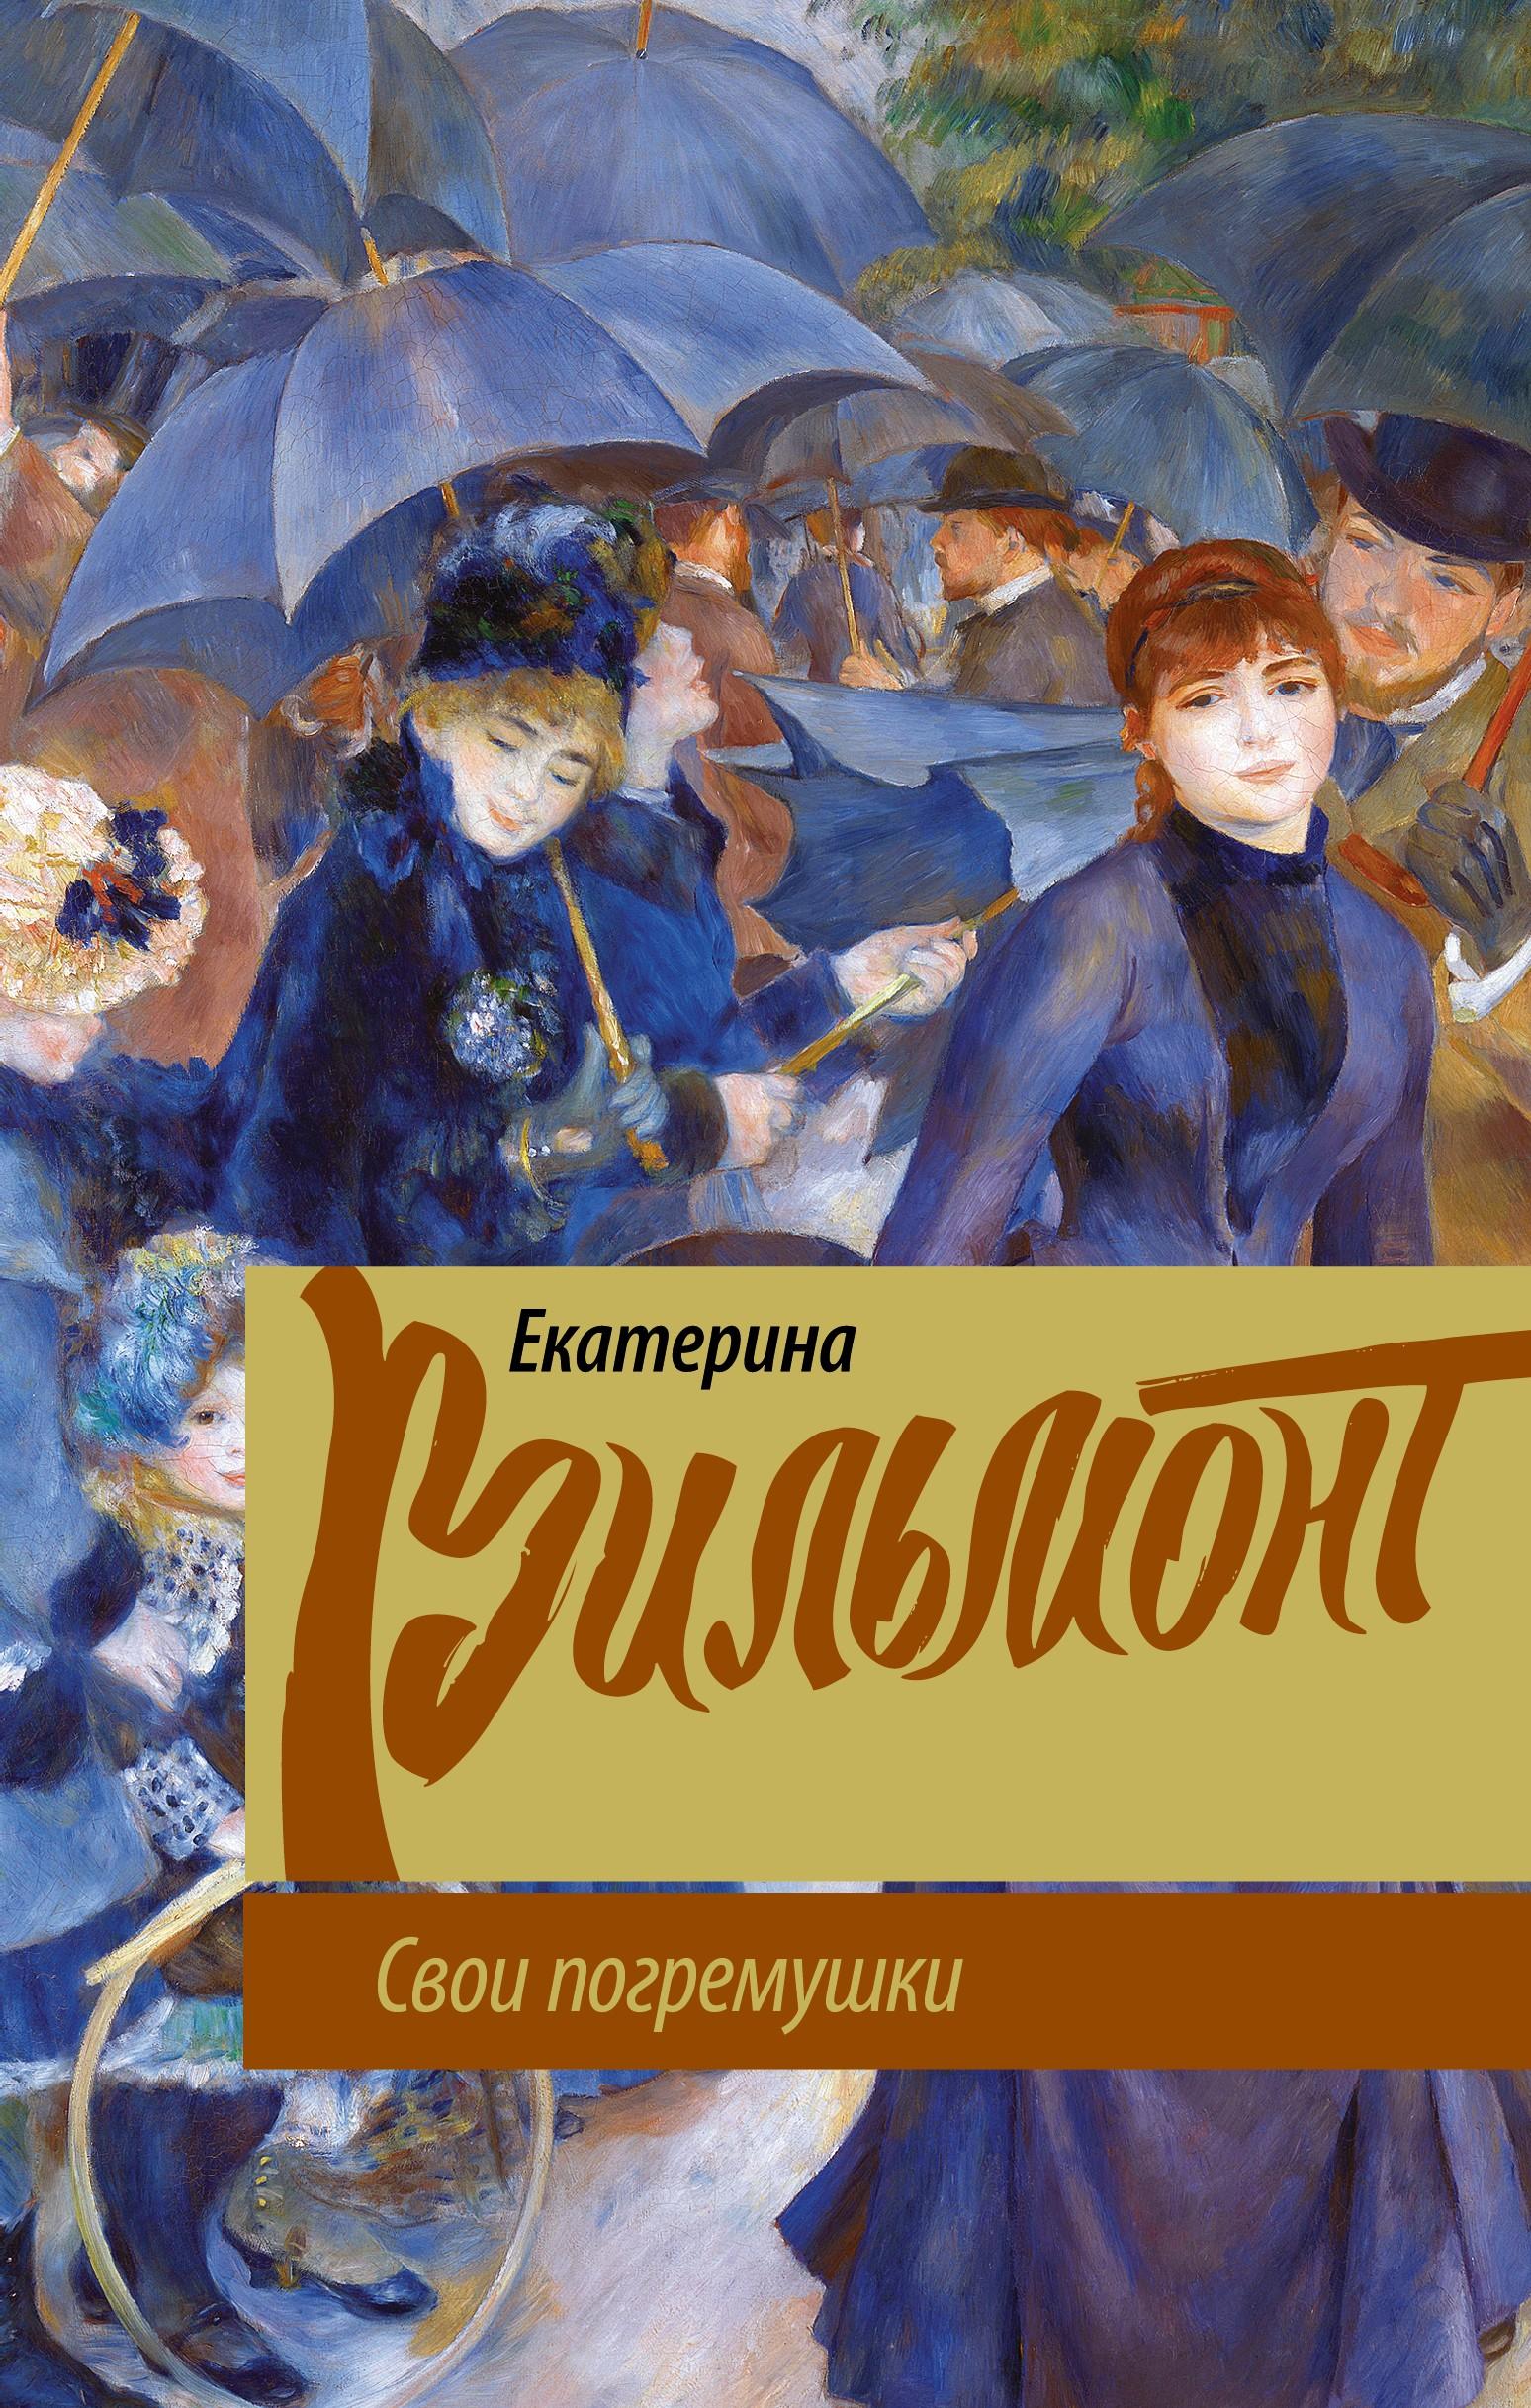 Отзывы о книге Свои погремушки, Екатерина Вильмонт – ЛитРес